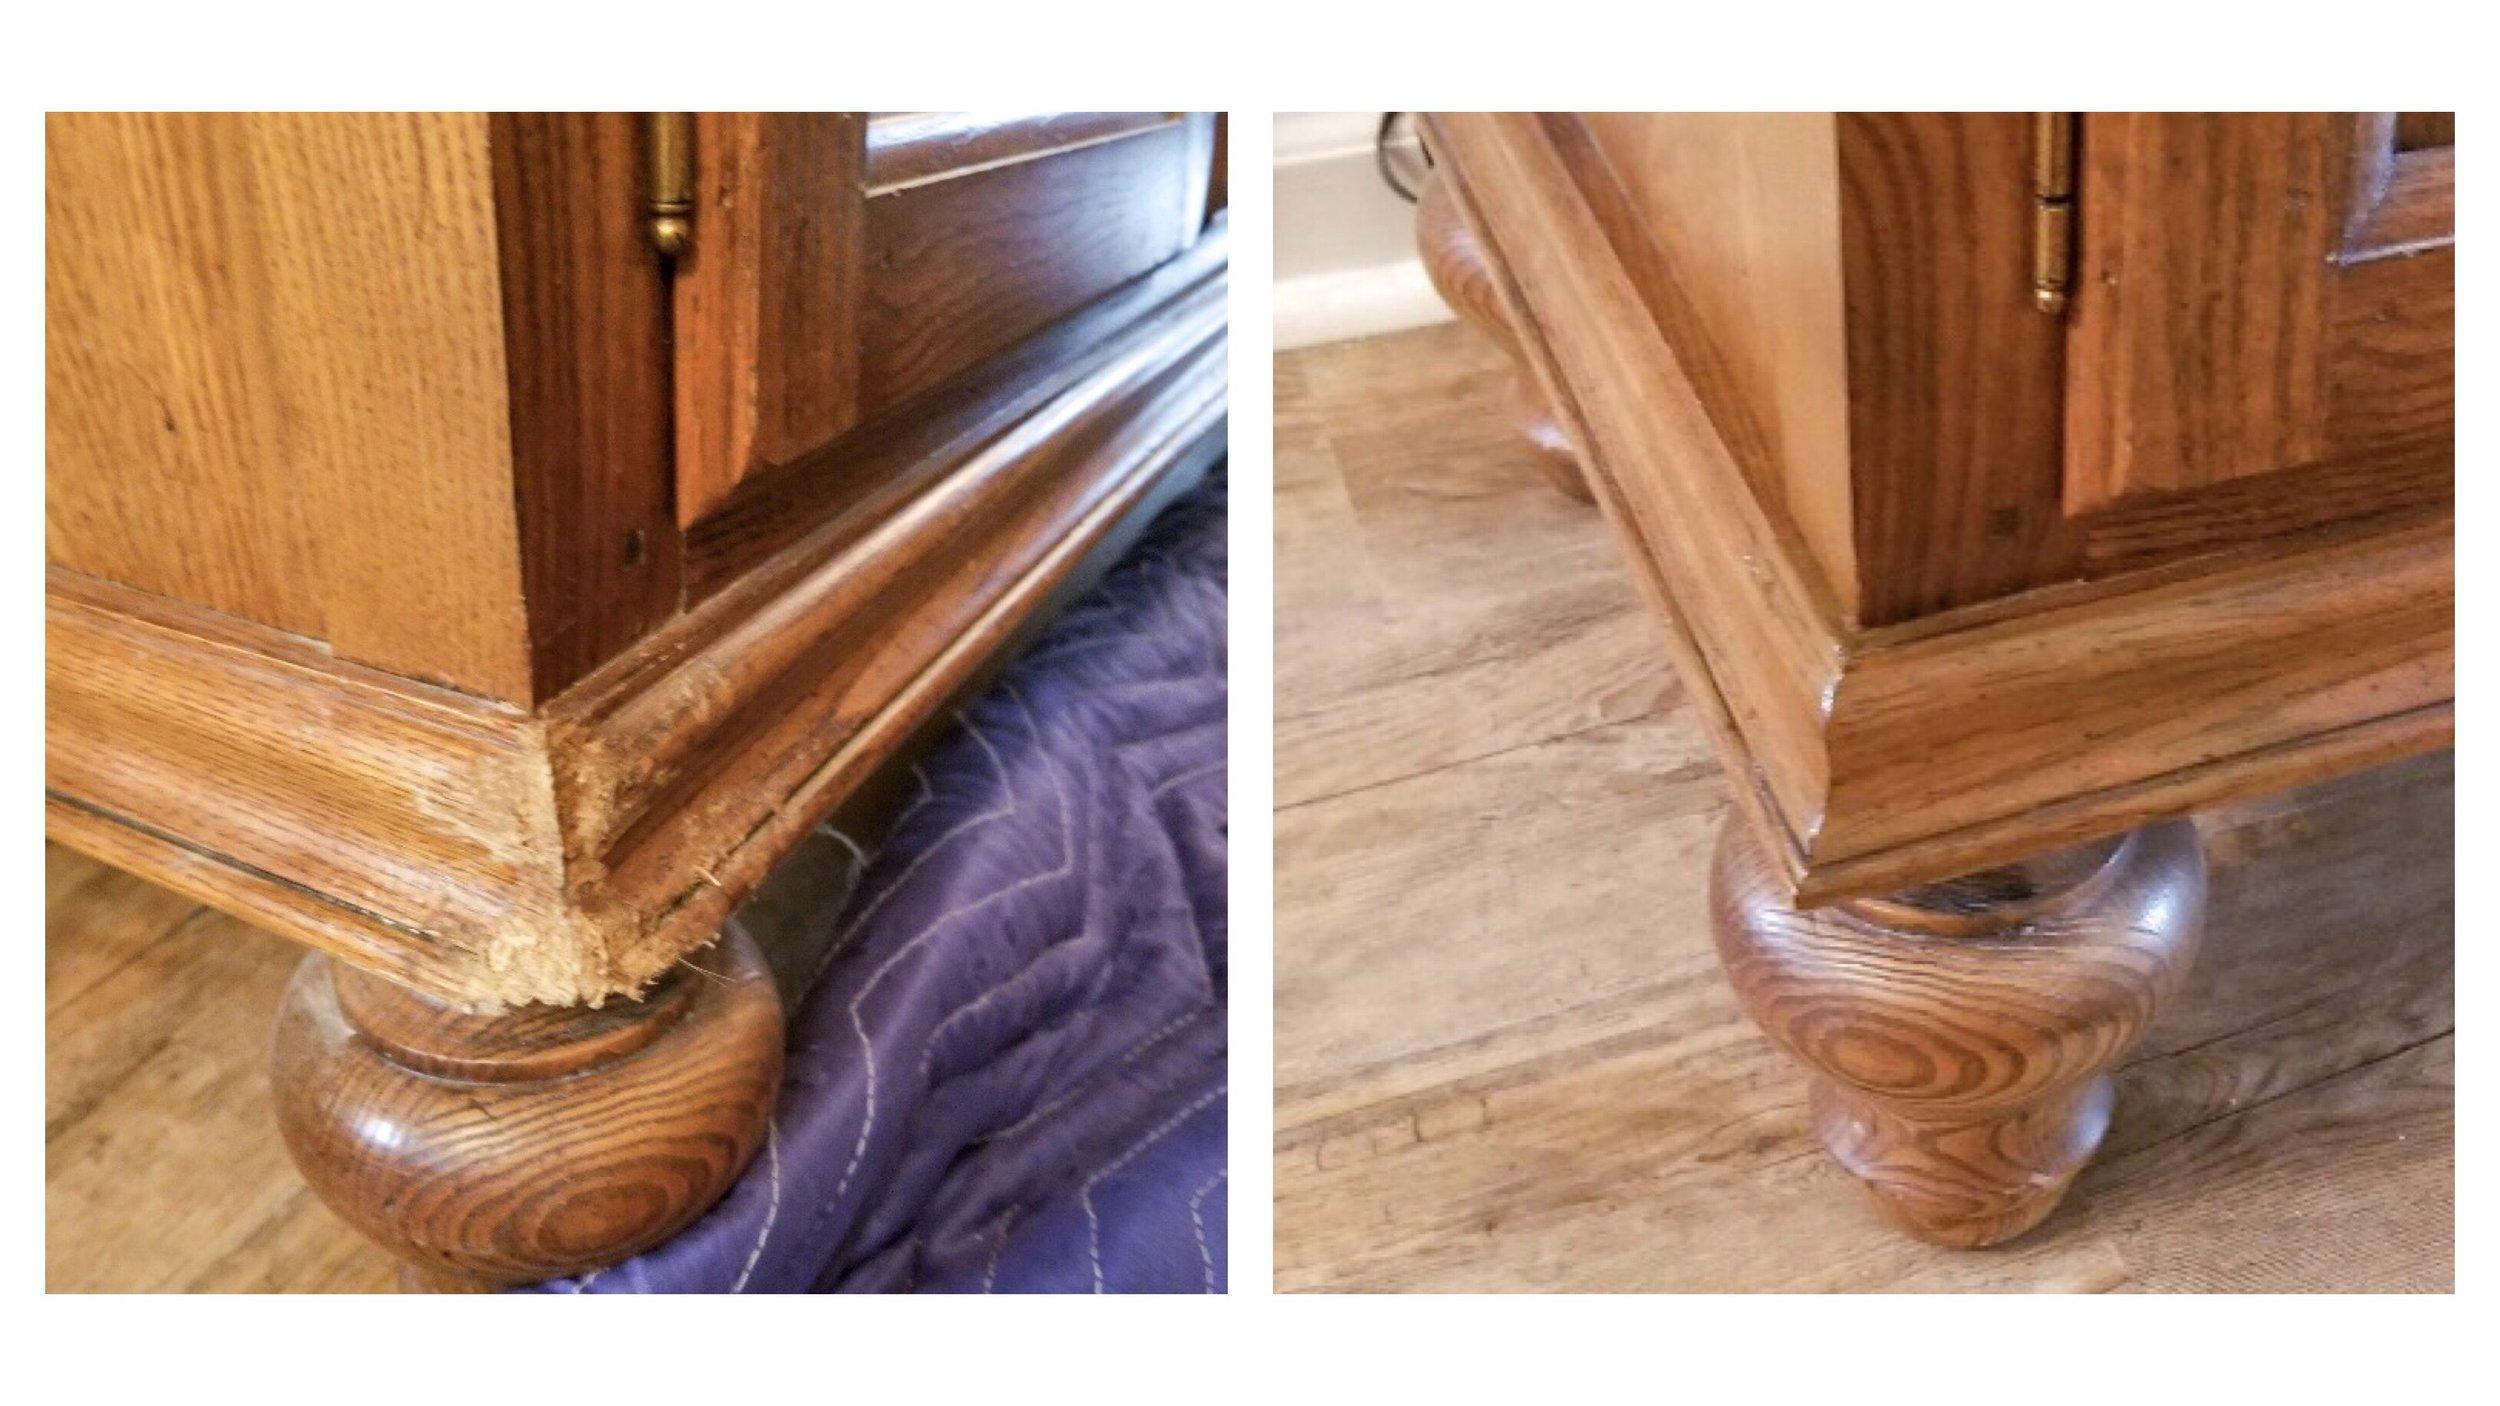 Memphis Tn Furniture Repair And